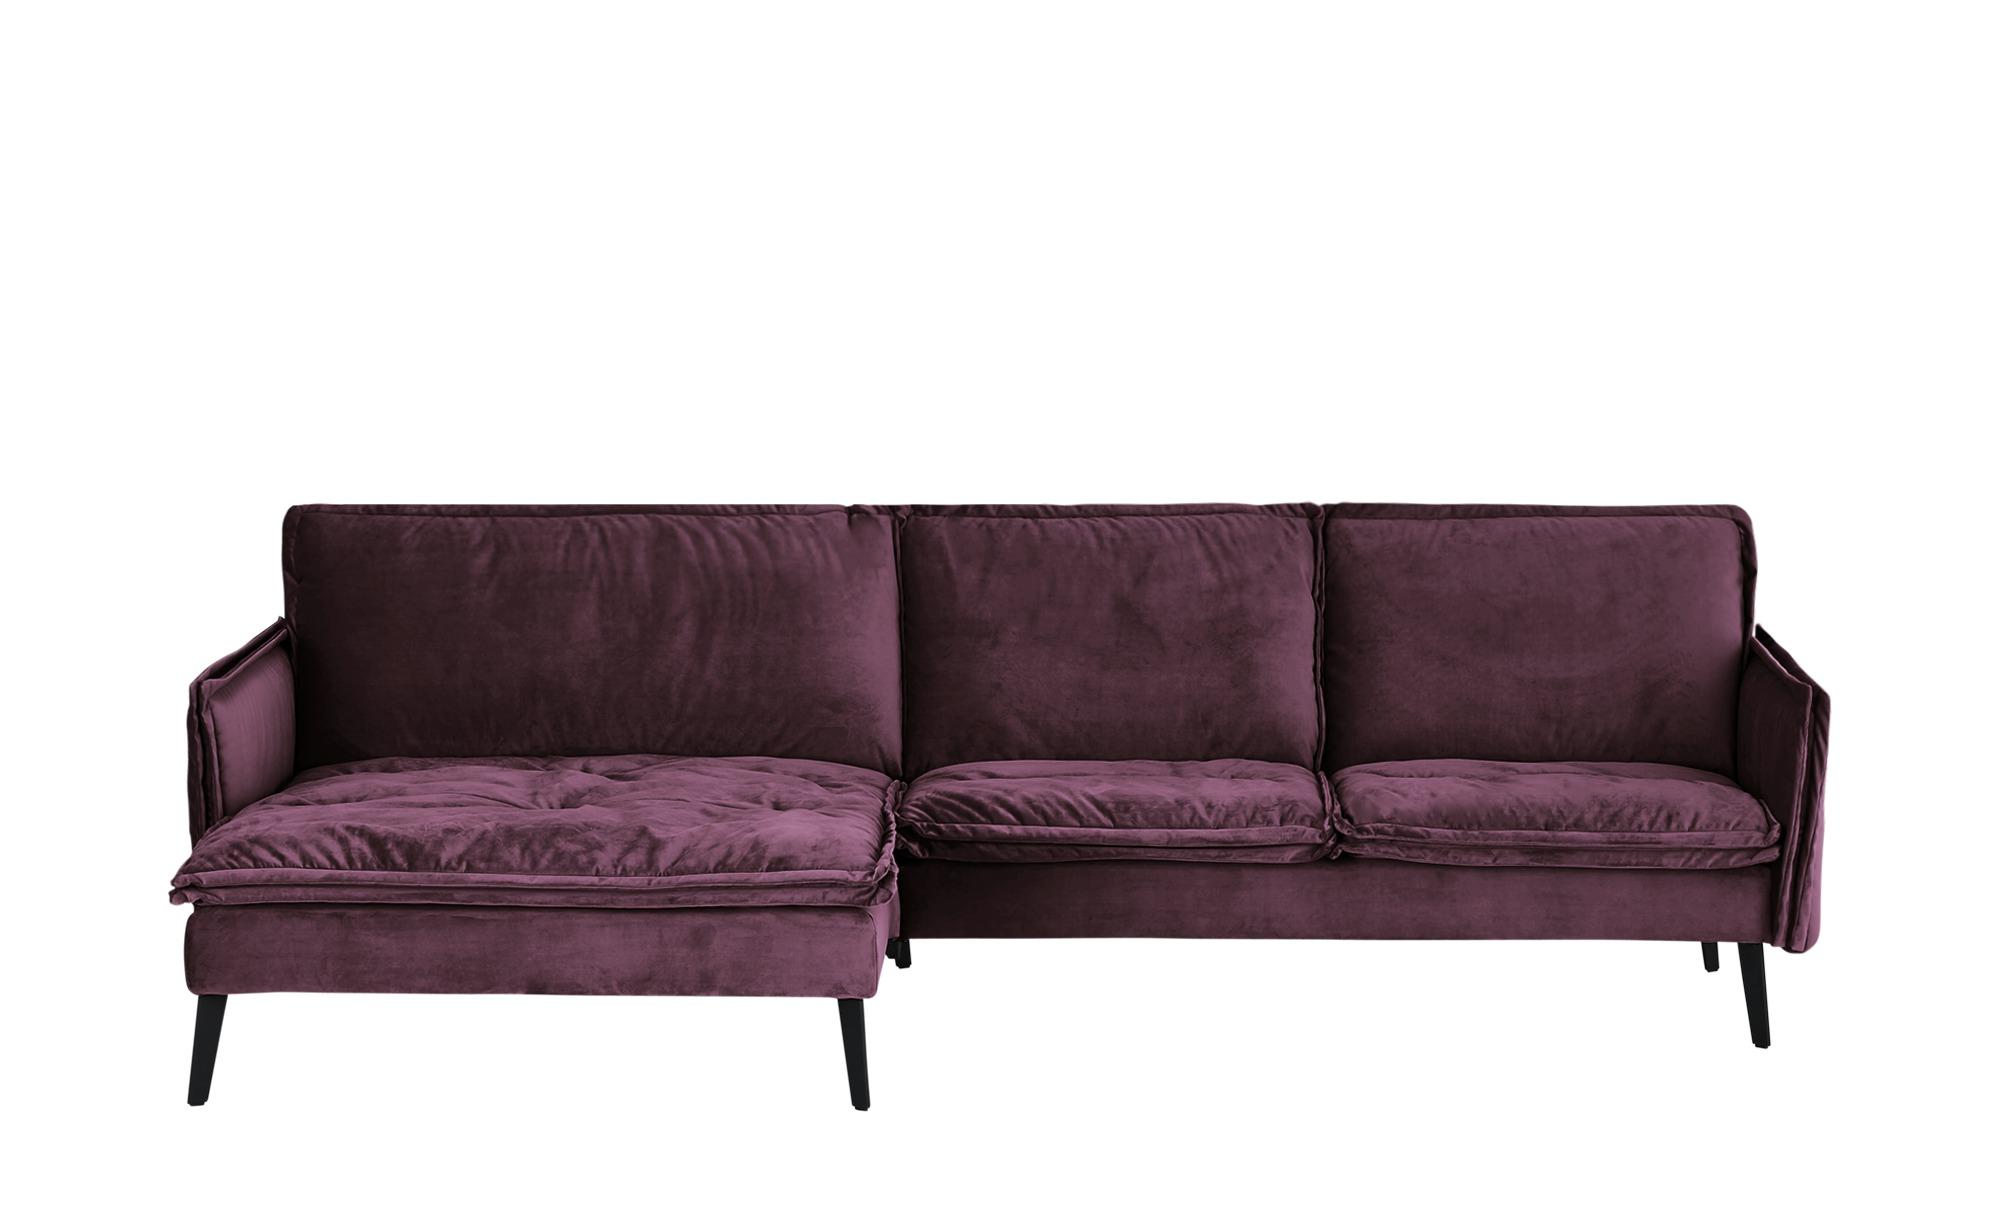 Musterring Ecksofa  Rahel ¦ lila/violett ¦ Maße (cm): H: 94 Polstermöbel > Sofas > Ecksofas - Höffner